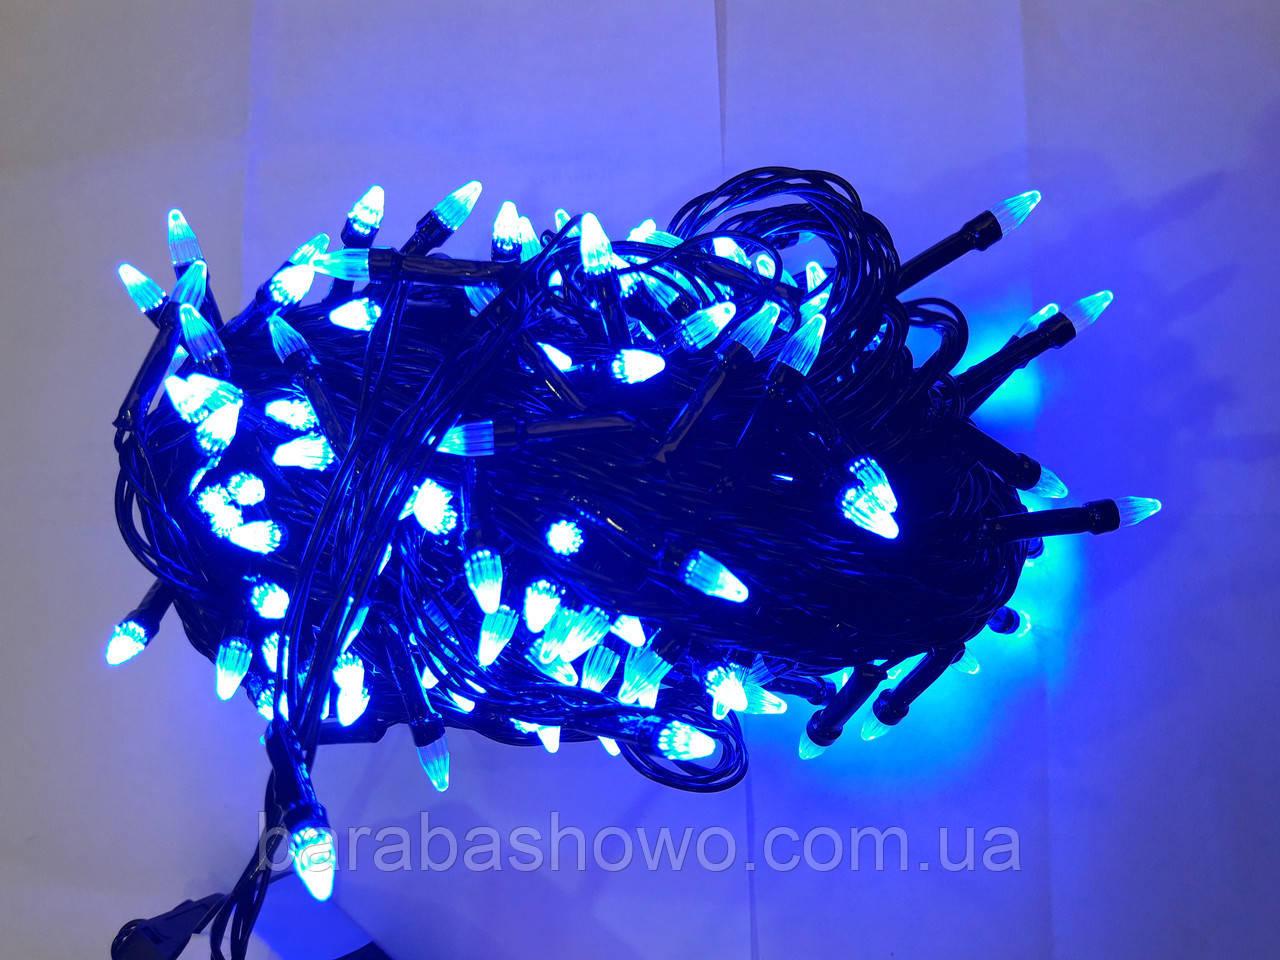 Гирлянда ЕЛКА 200 LED на черном проводе, синяя